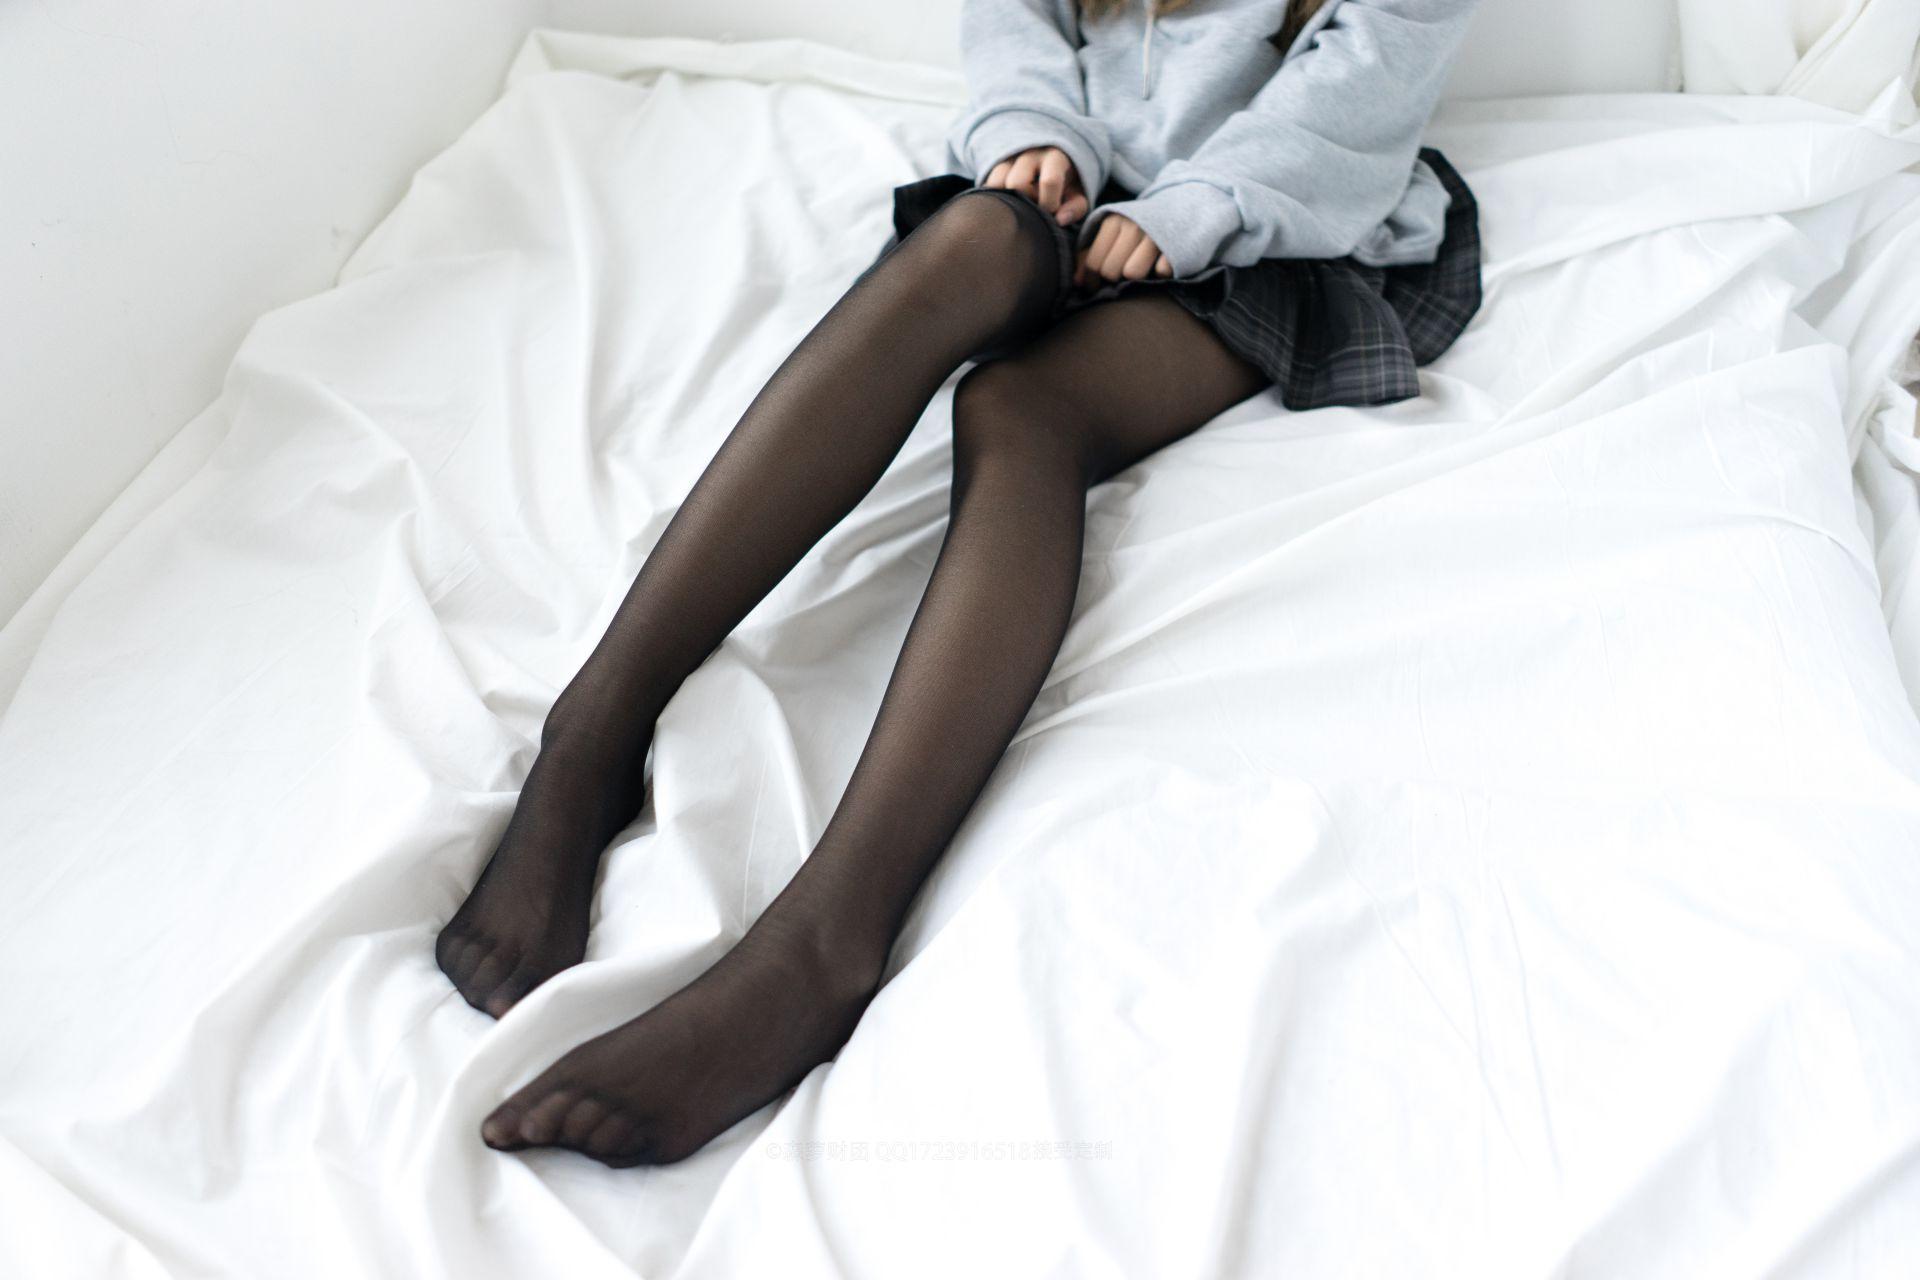 【森萝财团】森萝财团写真 - BETA-039 黑丝短裙 [44P-489MB] BETA系列 第3张